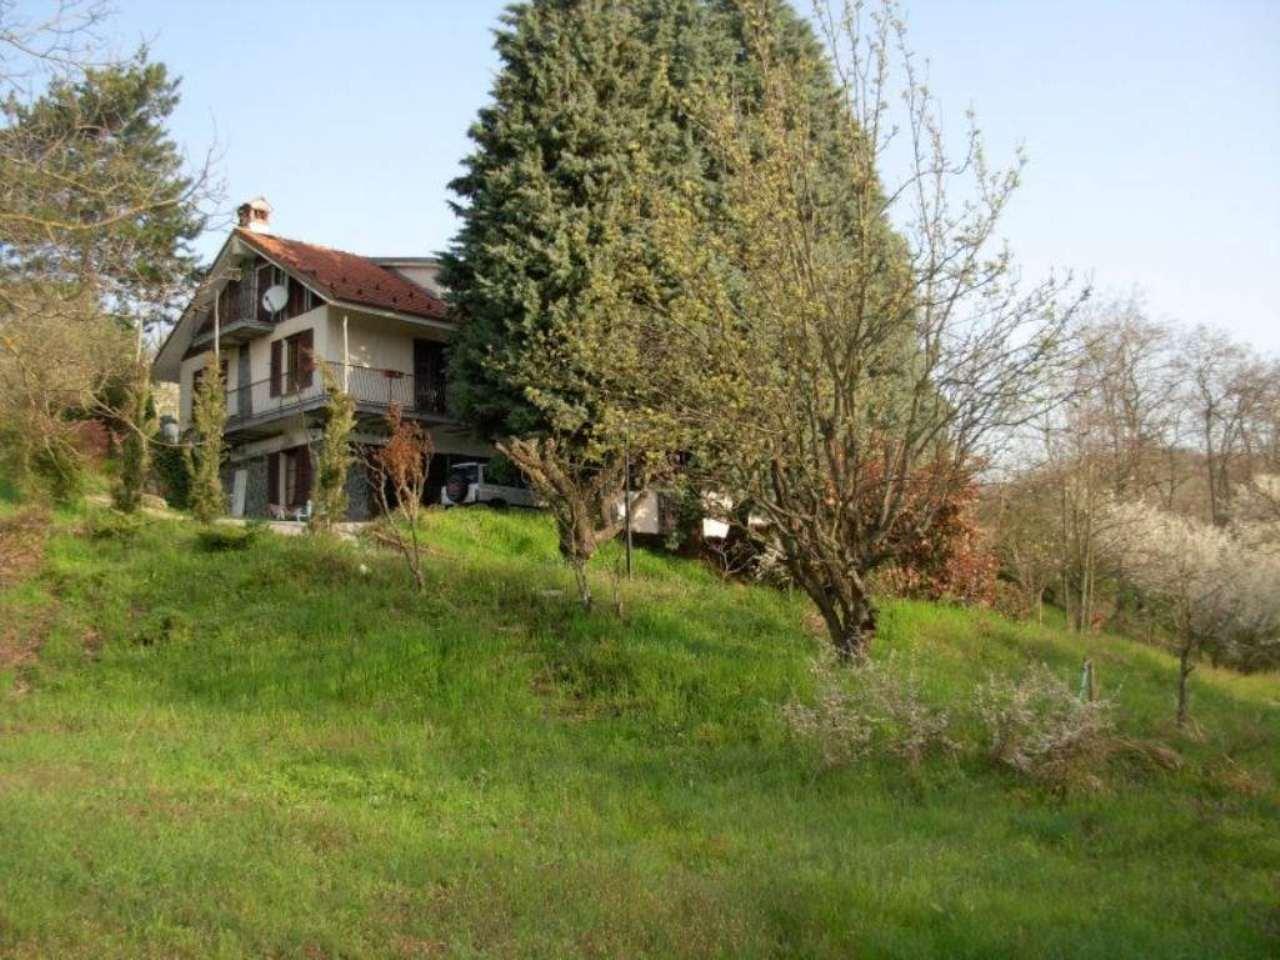 Villa in vendita a Molare, 9999 locali, prezzo € 375.000 | Cambio Casa.it